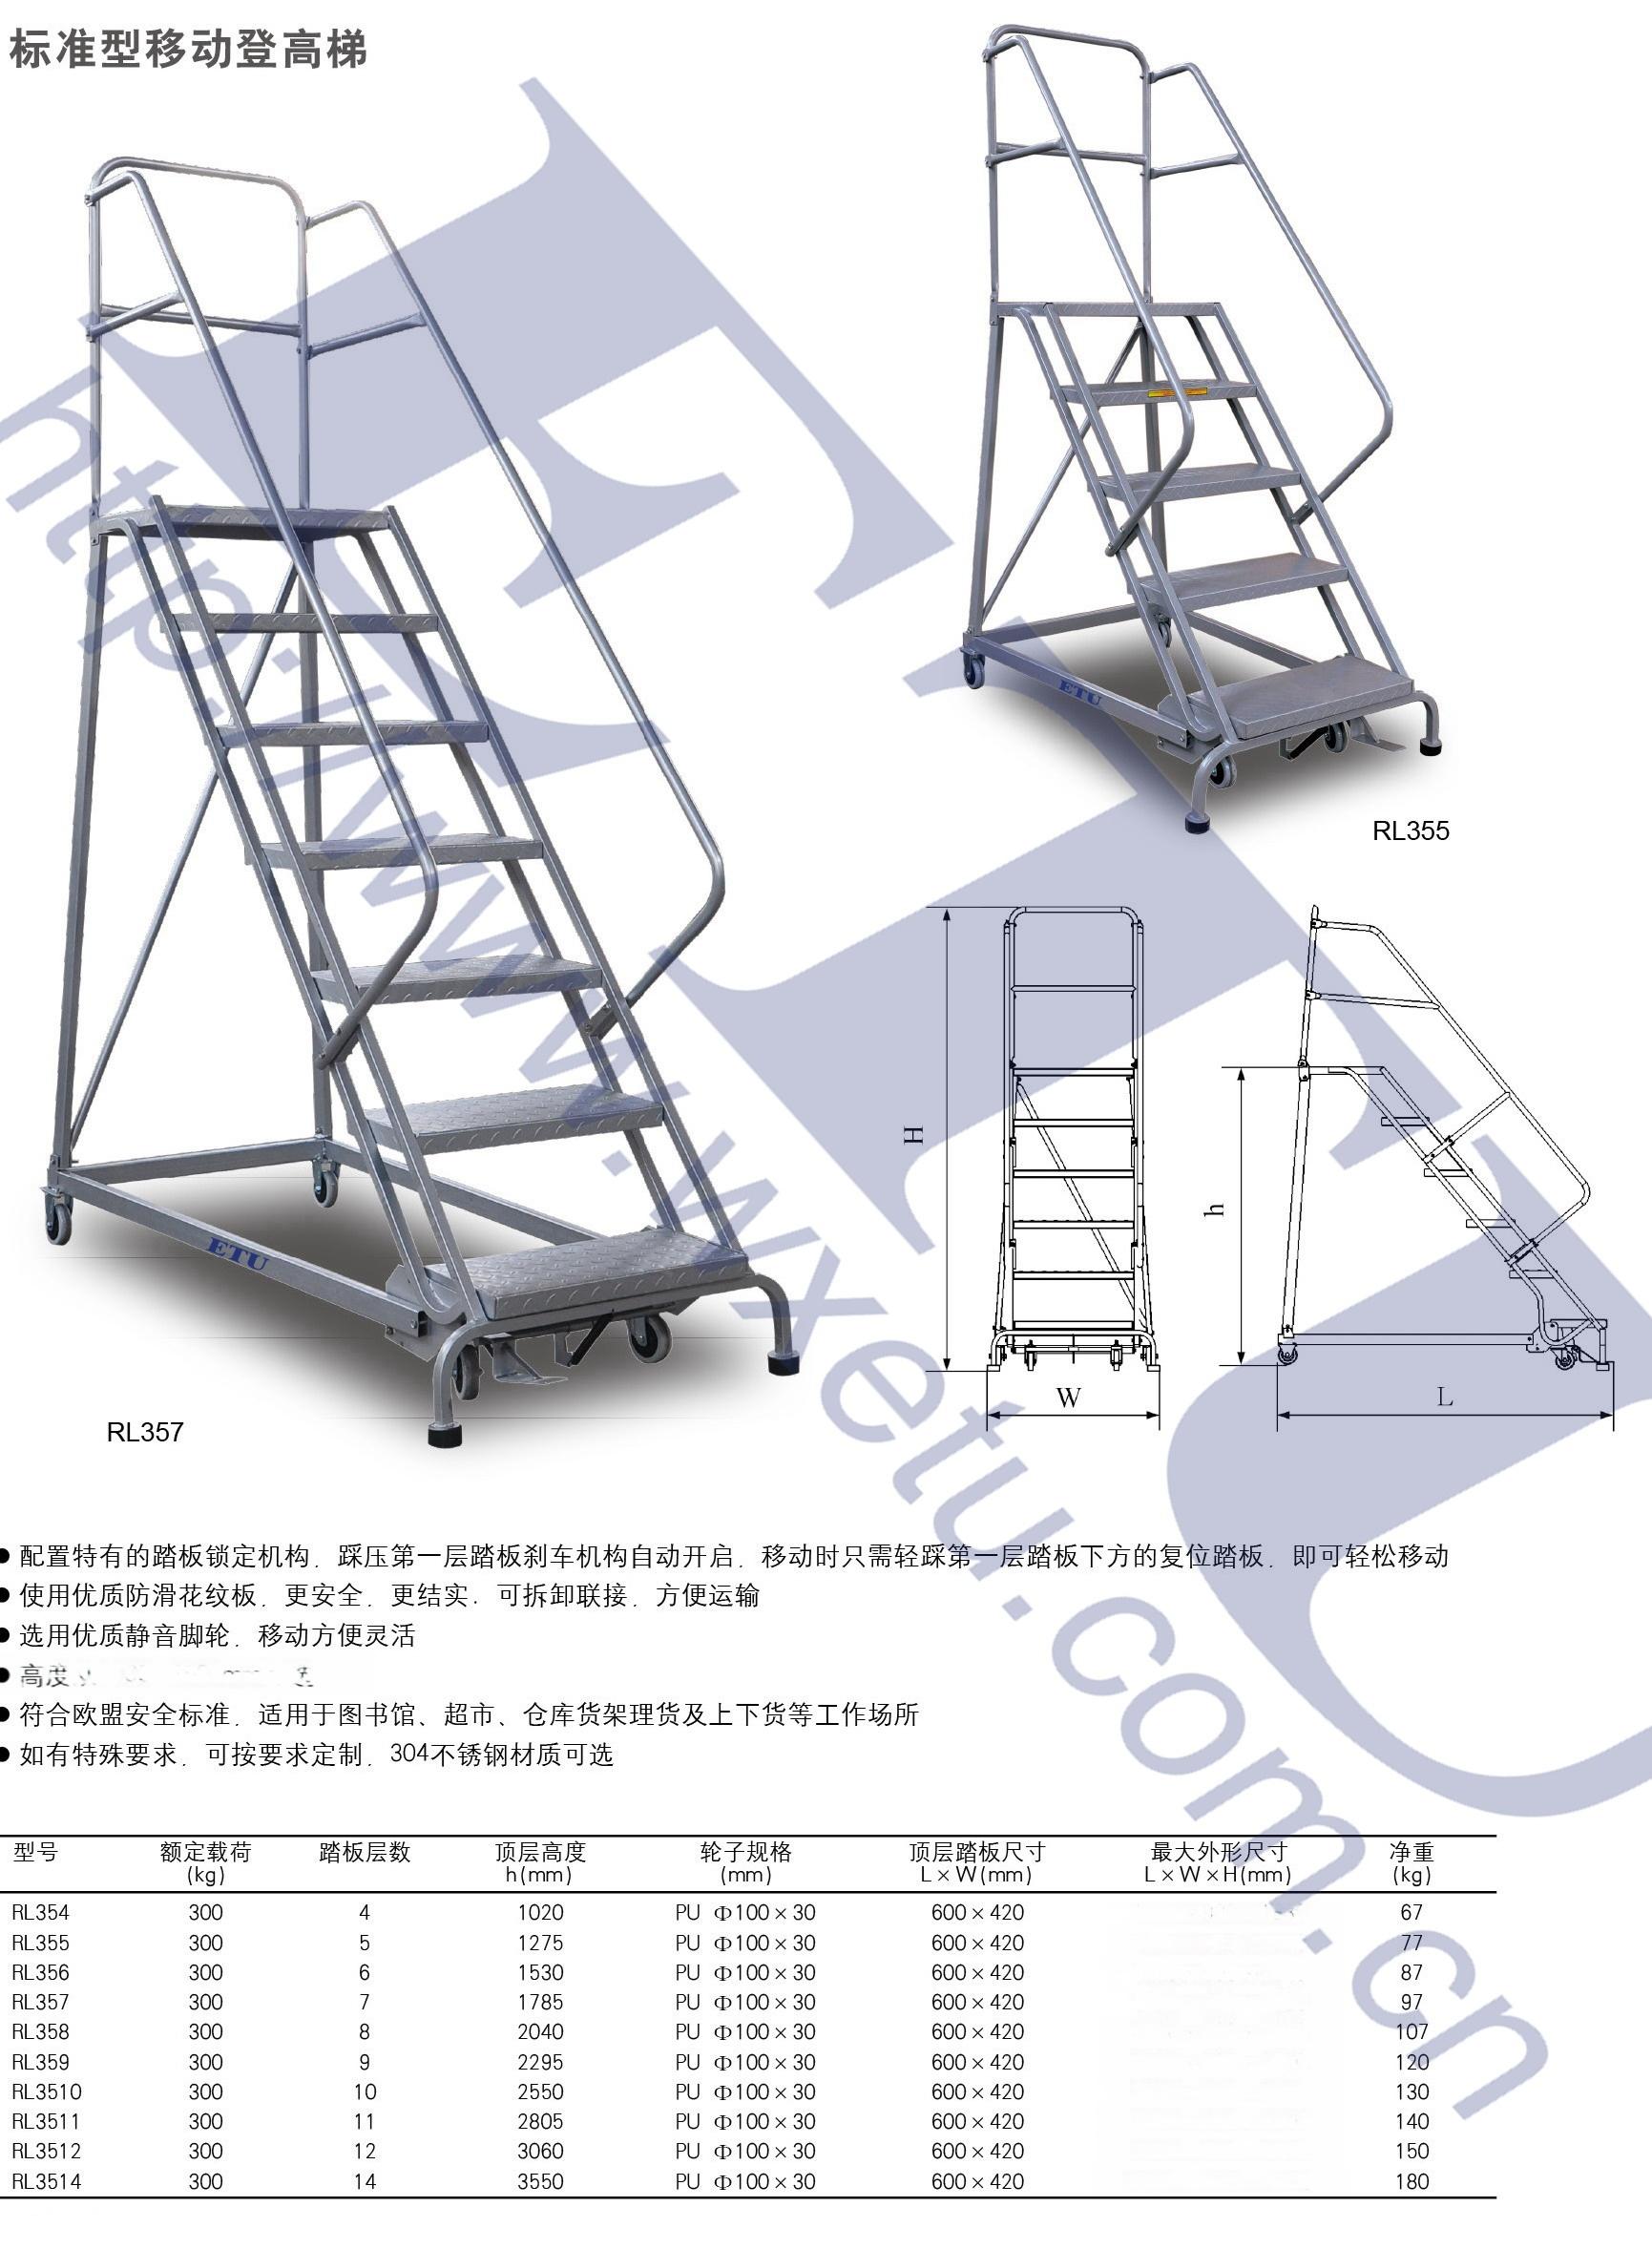 廠家直銷登高梯,移動登高梯,登高車,倉庫登高梯,貨架登高車45399755